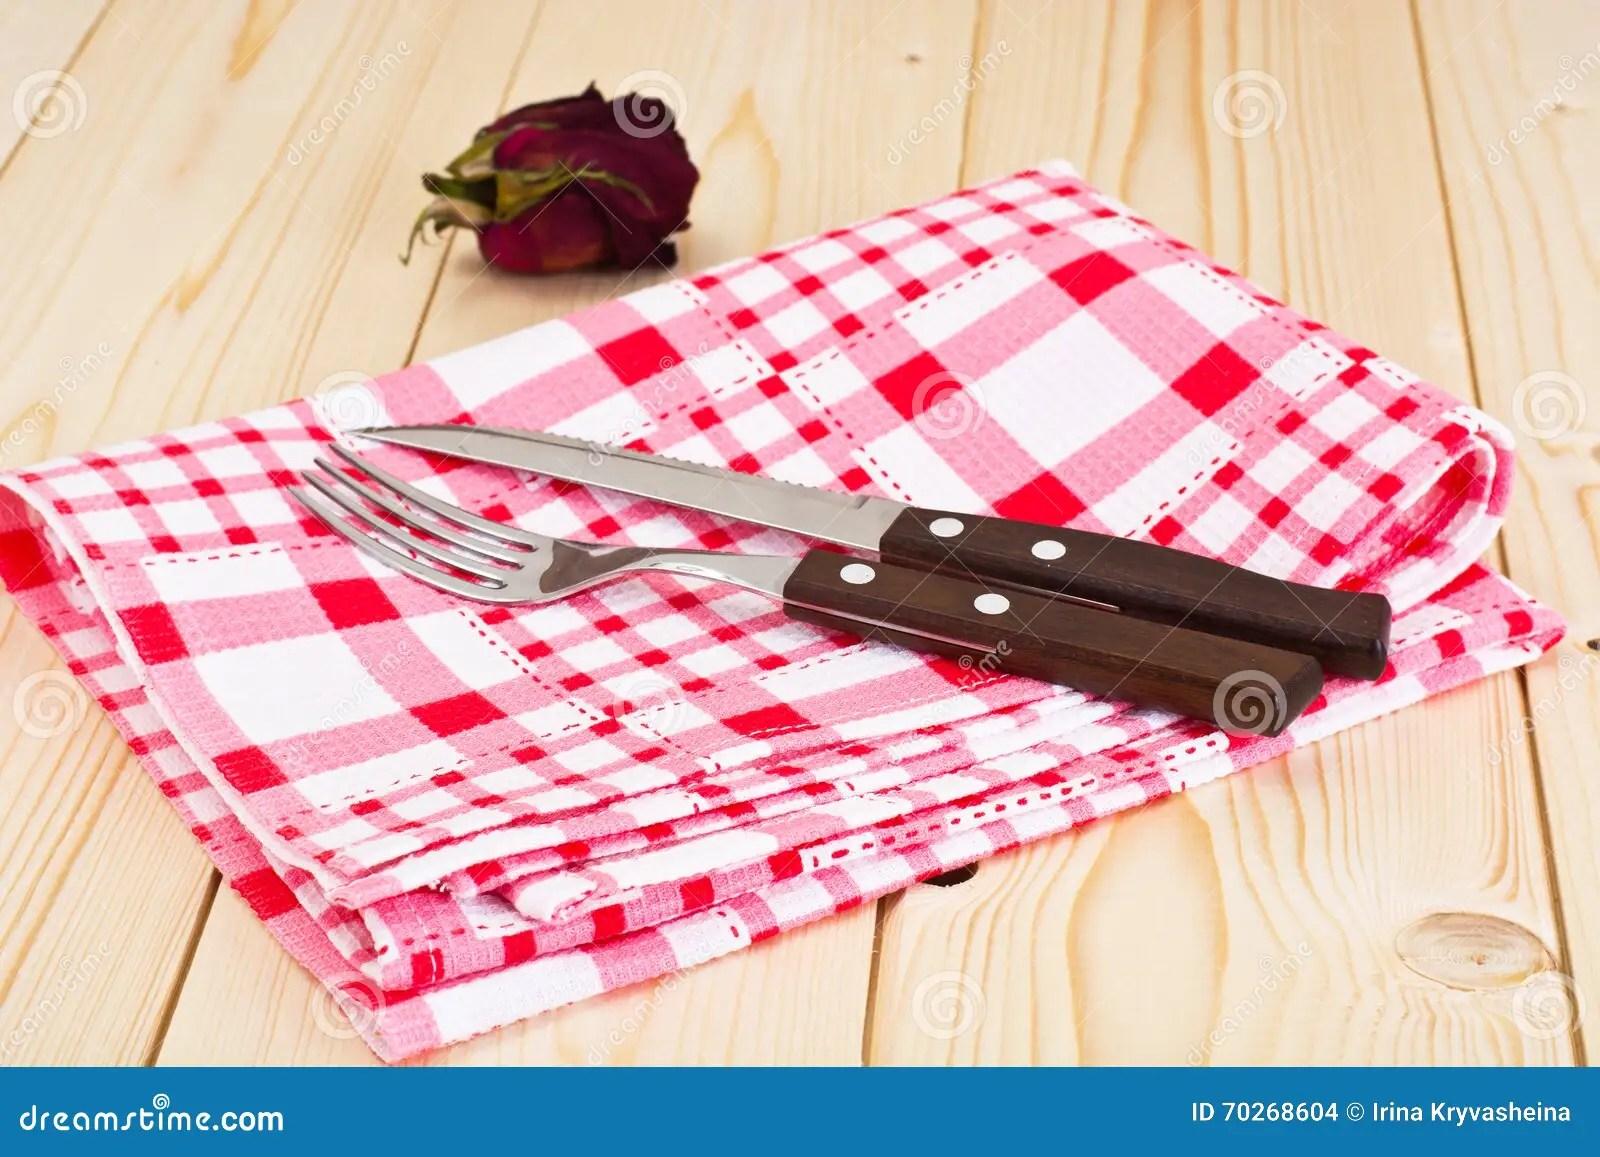 kitchen napkins antique faucets 服务在轻的背景的厨房餐巾库存照片 图片包括有食物 餐巾 厨具 膳食 服务在轻的背景的厨房餐巾